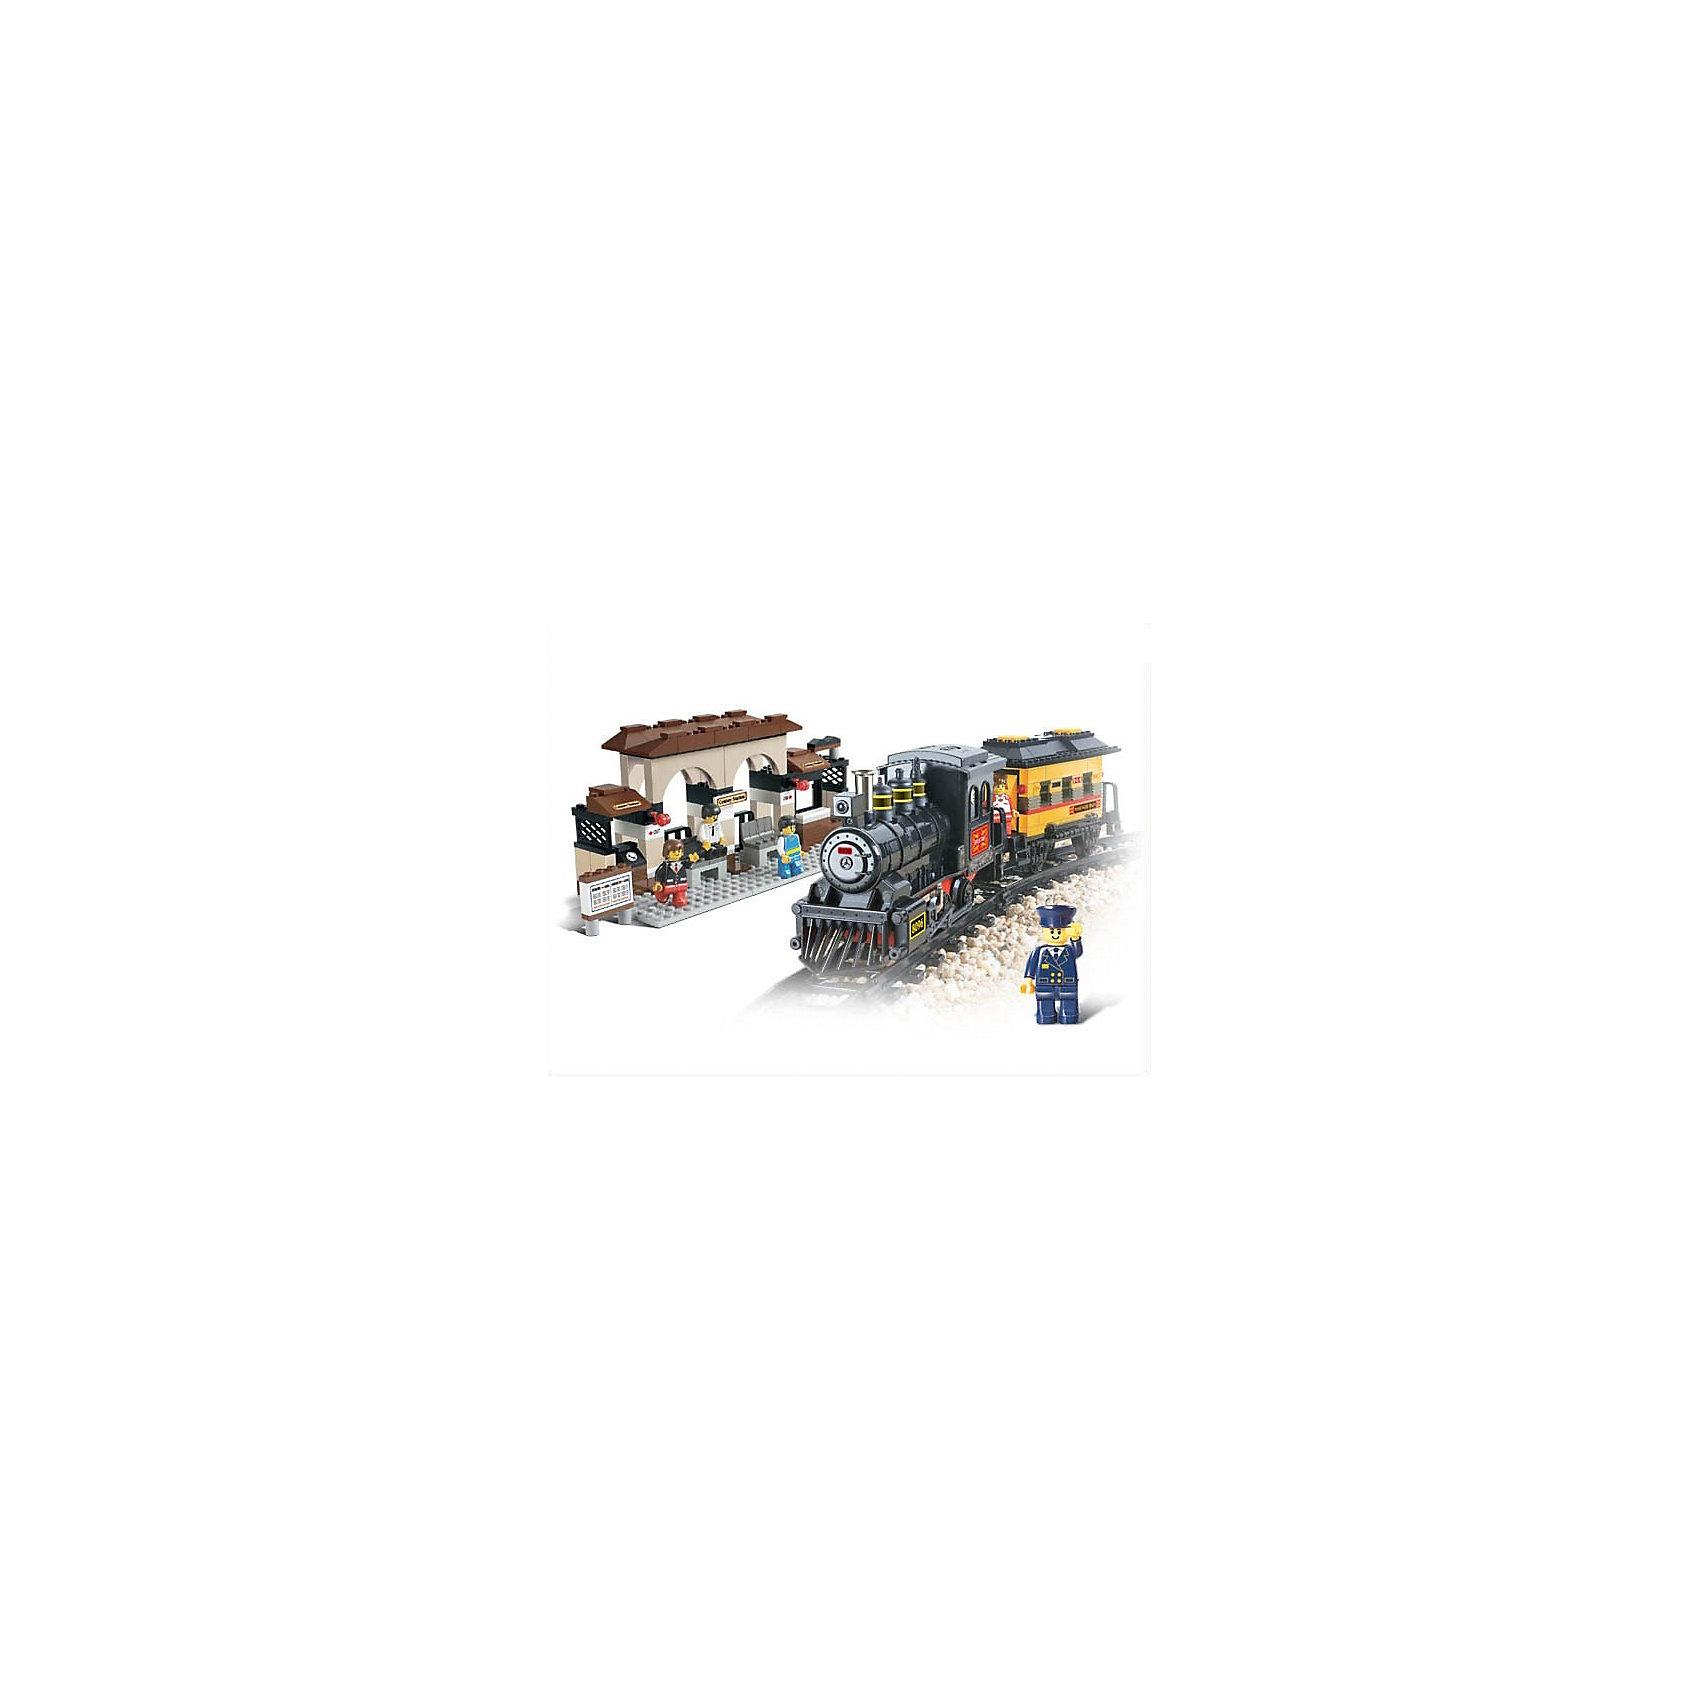 Конструктор Железнодорожный вокзал: Пассажирский поезд, 301 деталь, SlubanПластмассовые конструкторы<br>Конструктор Железнодорожный вокзал: Пассажирский поезд, 301 деталь, Sluban  (Слубан)<br><br>Характеристики:<br><br>• возраст: от 6 лет<br>• железнодорожная станция и поезд<br>• световые и звуковые эффекты<br>• мини-фигурки в комплекте<br>• для работы необходимы батарейки<br>• количество деталей: 301<br>• материал: пластик<br>• размер упаковки: 7,8х36х56 см<br>• вес: 2000 грамм<br><br>Из конструктора Железнодорожный вокзал: Пассажирский поезд ребенок сможет построить настоящую железную дорогу своими руками. На вокзале можно расположить пассажиров, ожидающих прибытия поезда. Поезд может двигаться по рельсам самостоятельно, издавая реалистичные звуки. Для работы необходимы батарейки (не входят в комплект).<br><br>Конструктор Железнодорожный вокзал: Пассажирский поезд, 301 деталь, Sluban (Слубан)  можно купить в нашем интернет-магазине.<br><br>Ширина мм: 560<br>Глубина мм: 360<br>Высота мм: 78<br>Вес г: 2000<br>Возраст от месяцев: 72<br>Возраст до месяцев: 2147483647<br>Пол: Мужской<br>Возраст: Детский<br>SKU: 5453708